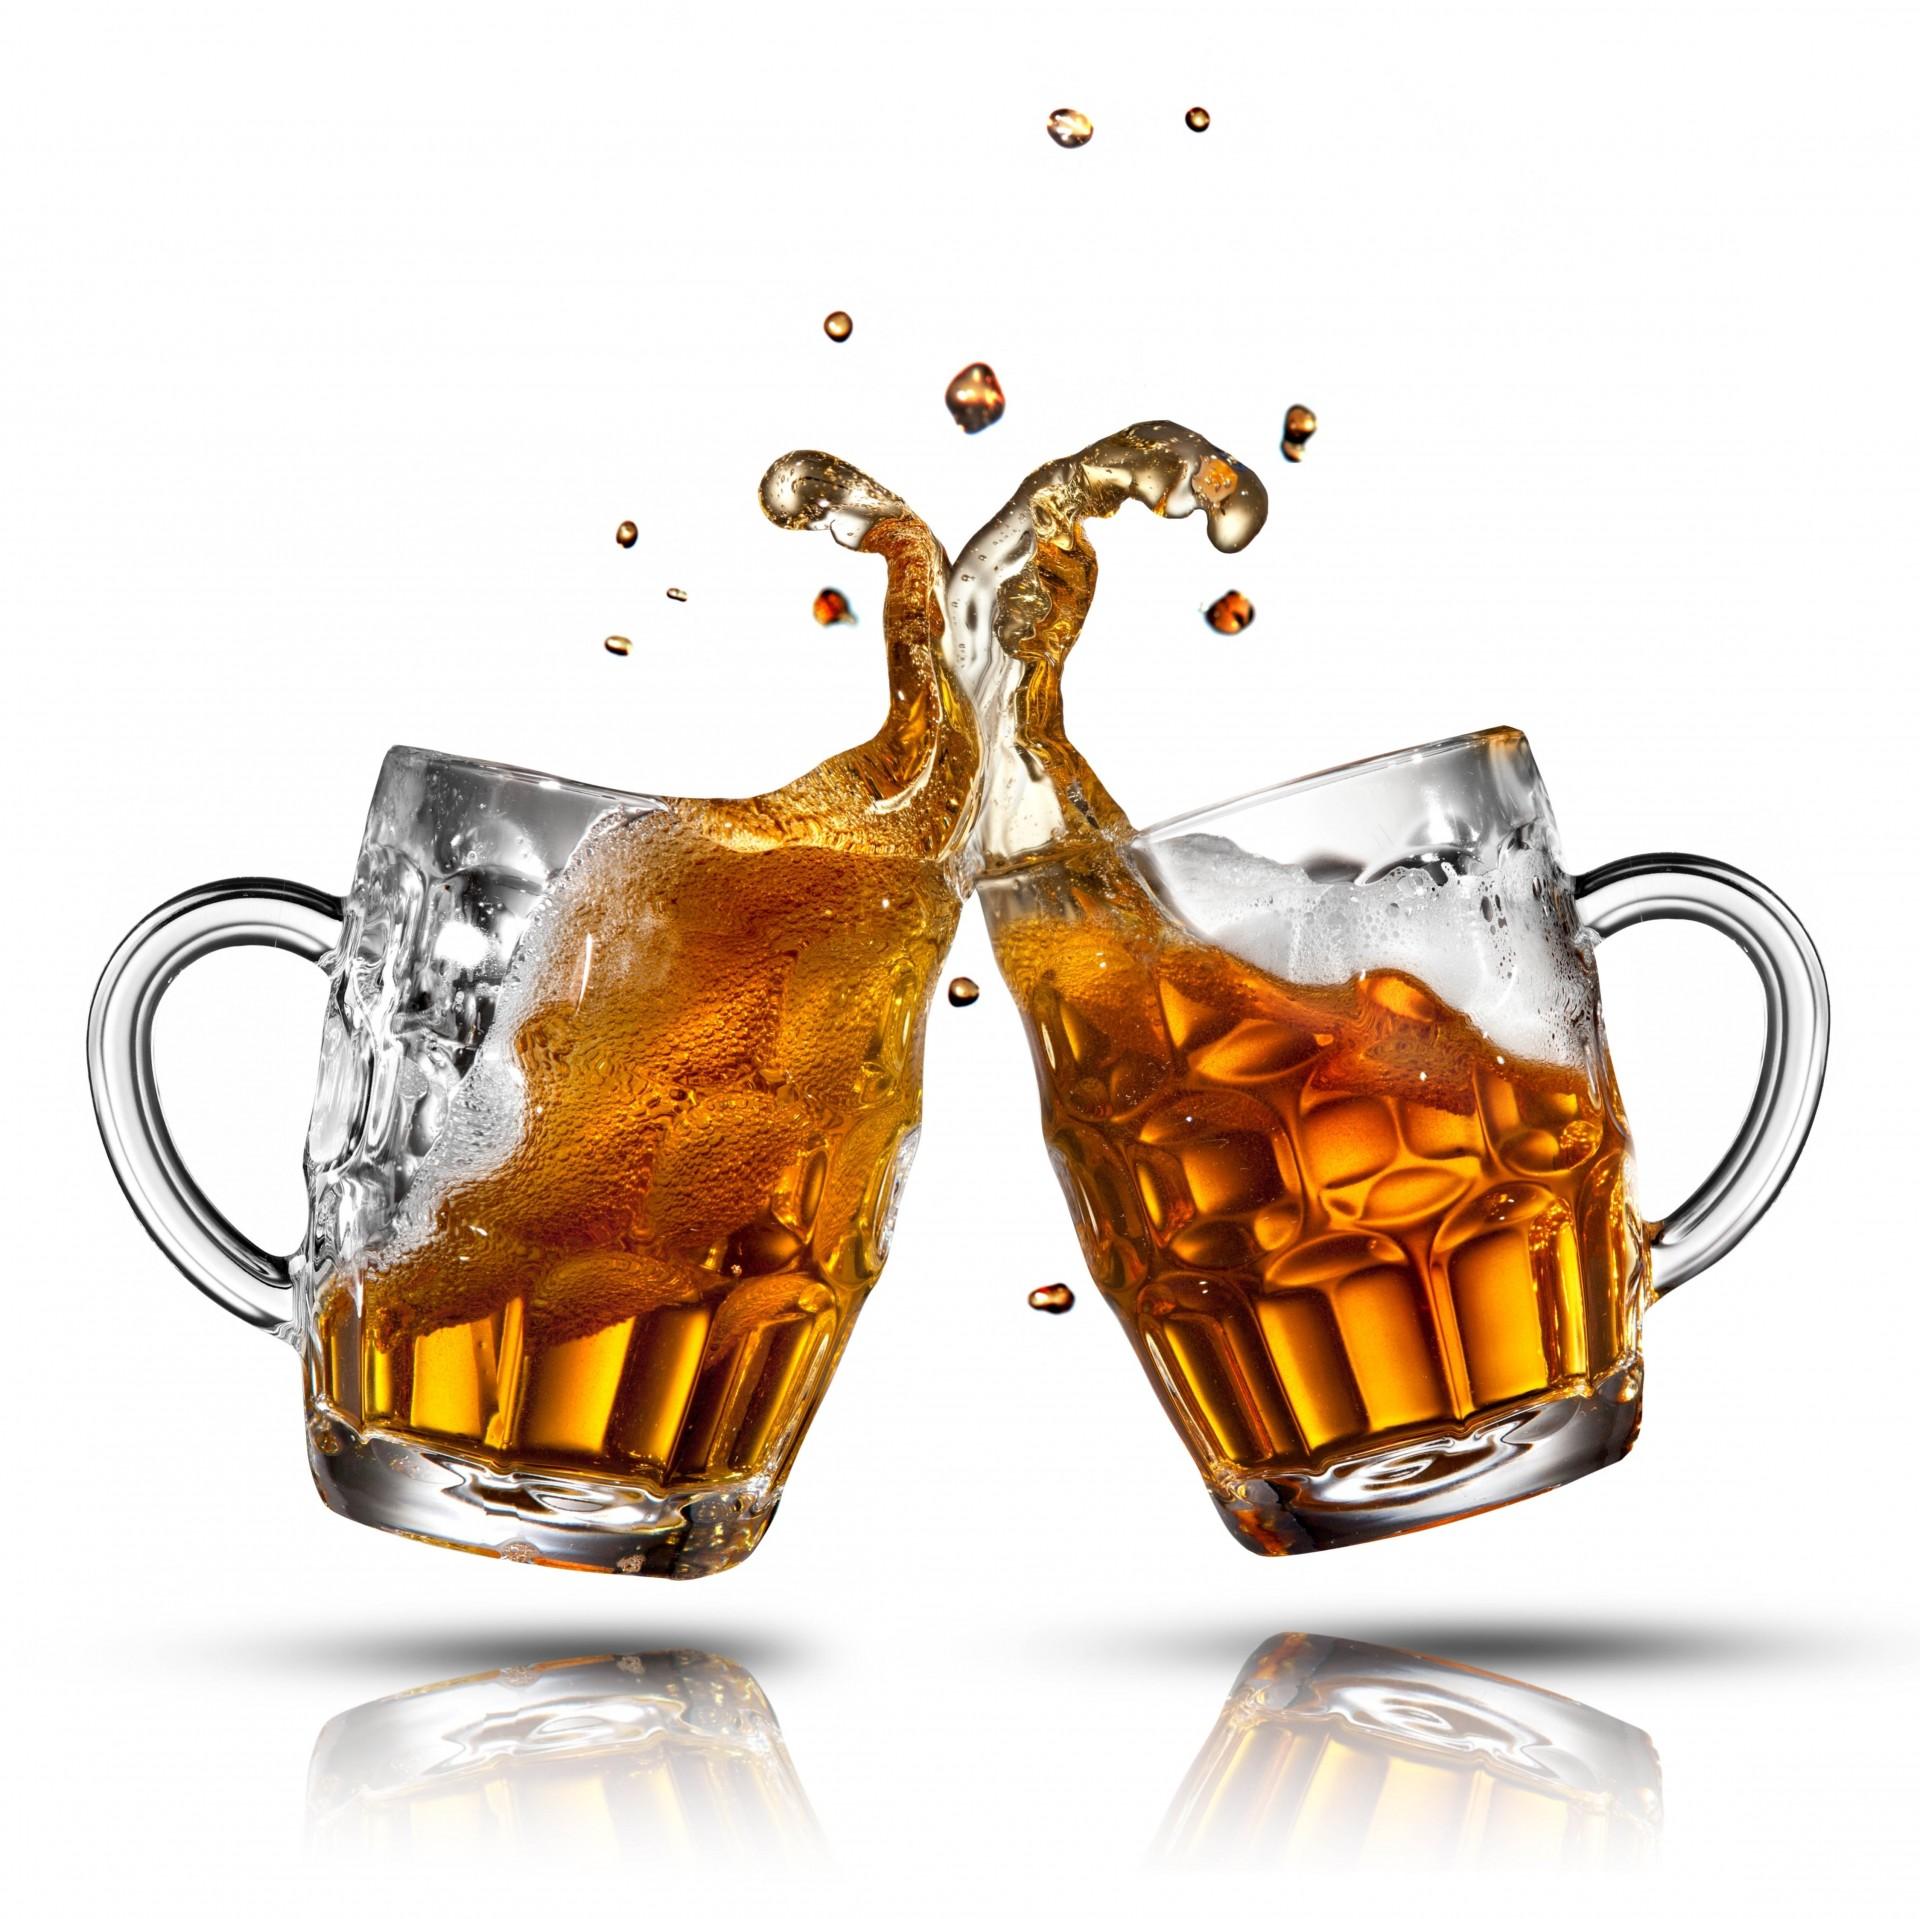 Два бокала с пивом чокаются картинки